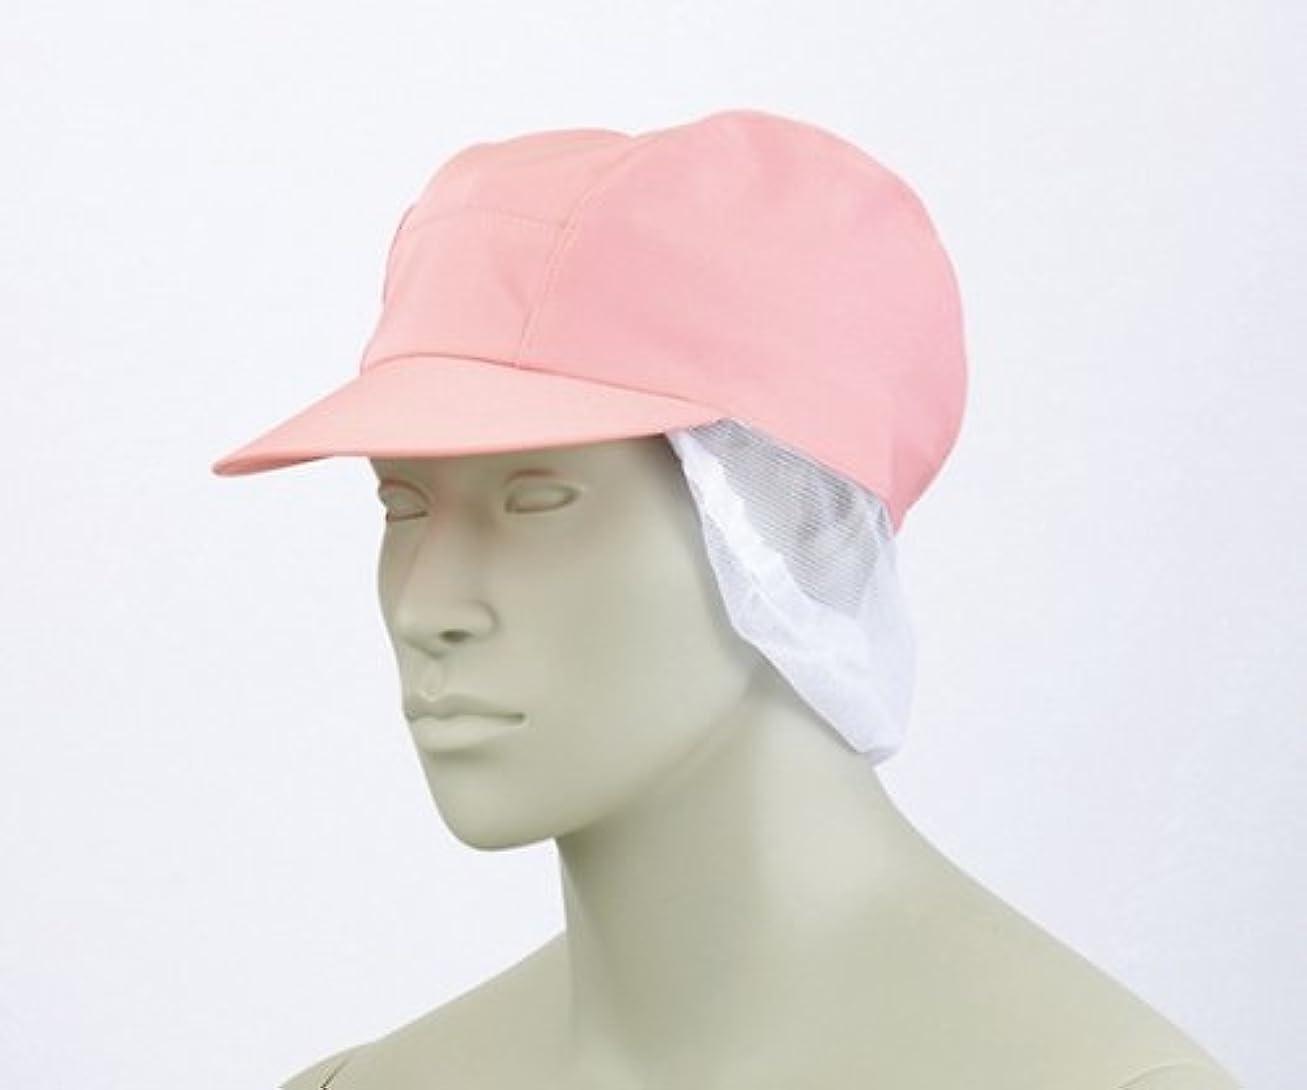 ずらす法律小道具ポーラ帽子たれ付 ピンク/61-6132-93